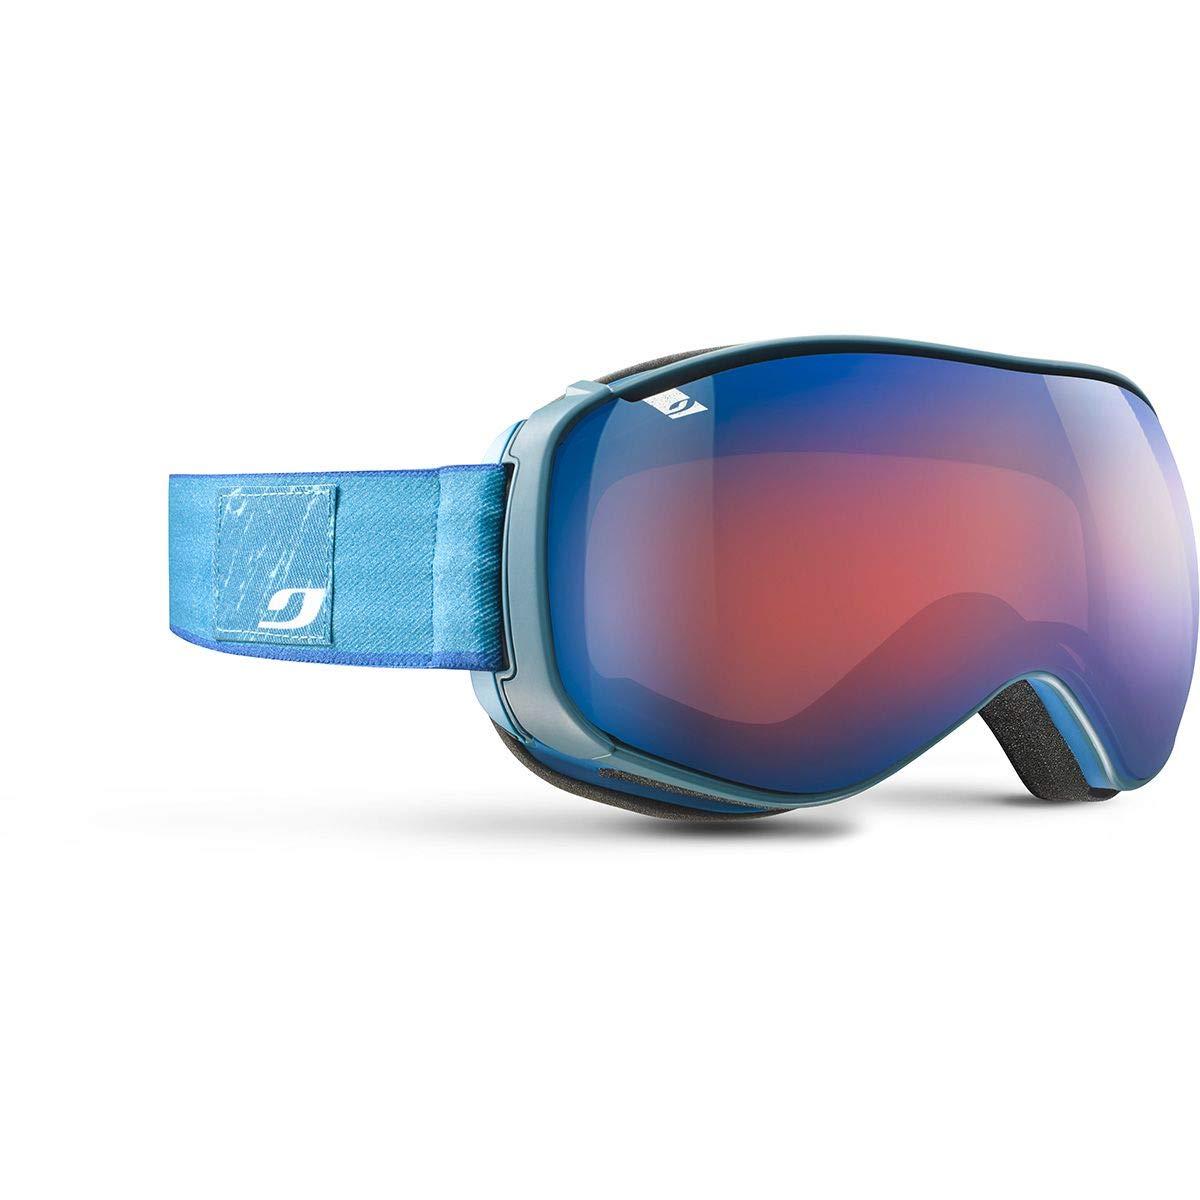 Julbo Ventilate Skibrille Skibrille Skibrille B07F62D1S2 Sonnenbrillen Erste Qualität 20d437